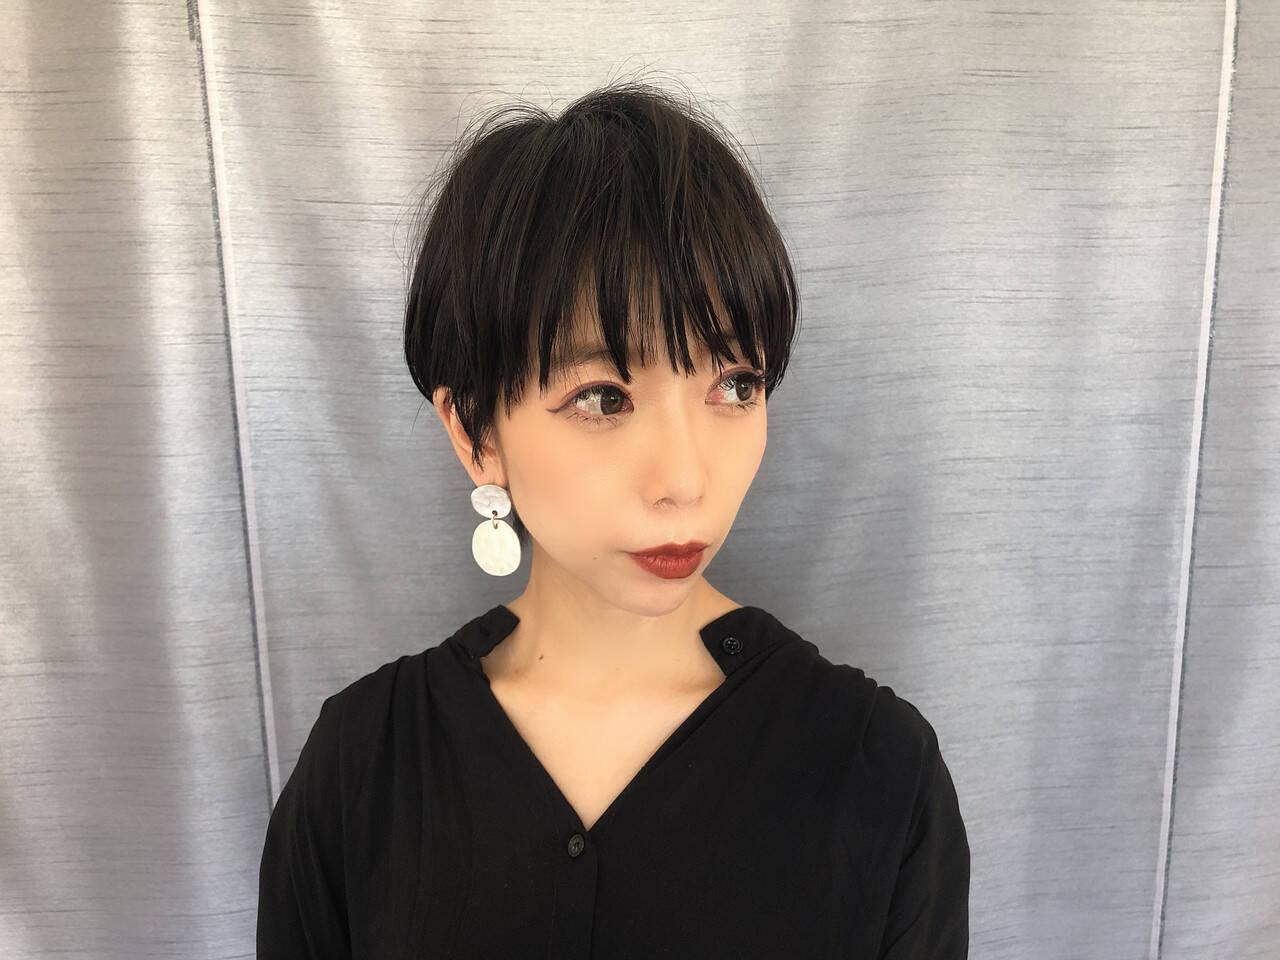 黒髪 ベリーショート 黒髪ショート ナチュラルヘアスタイルや髪型の写真・画像